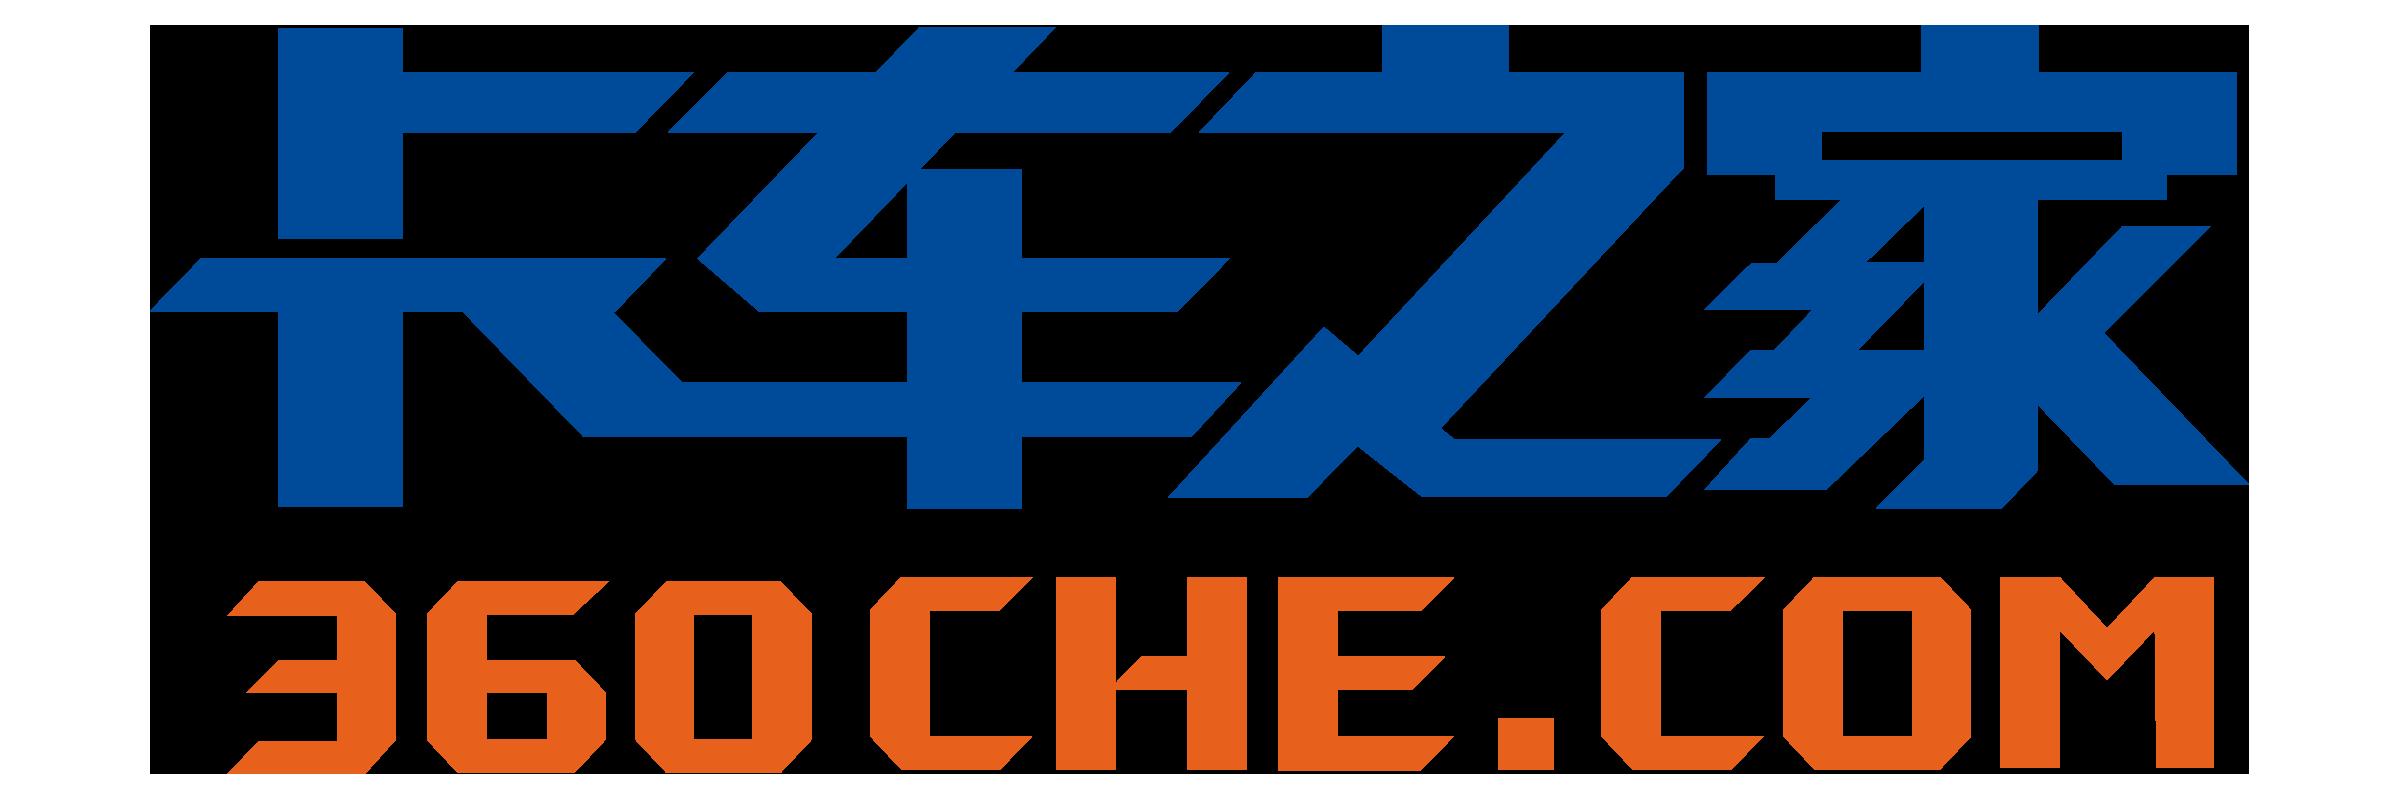 北京卡车之家信息技术股份有限公司